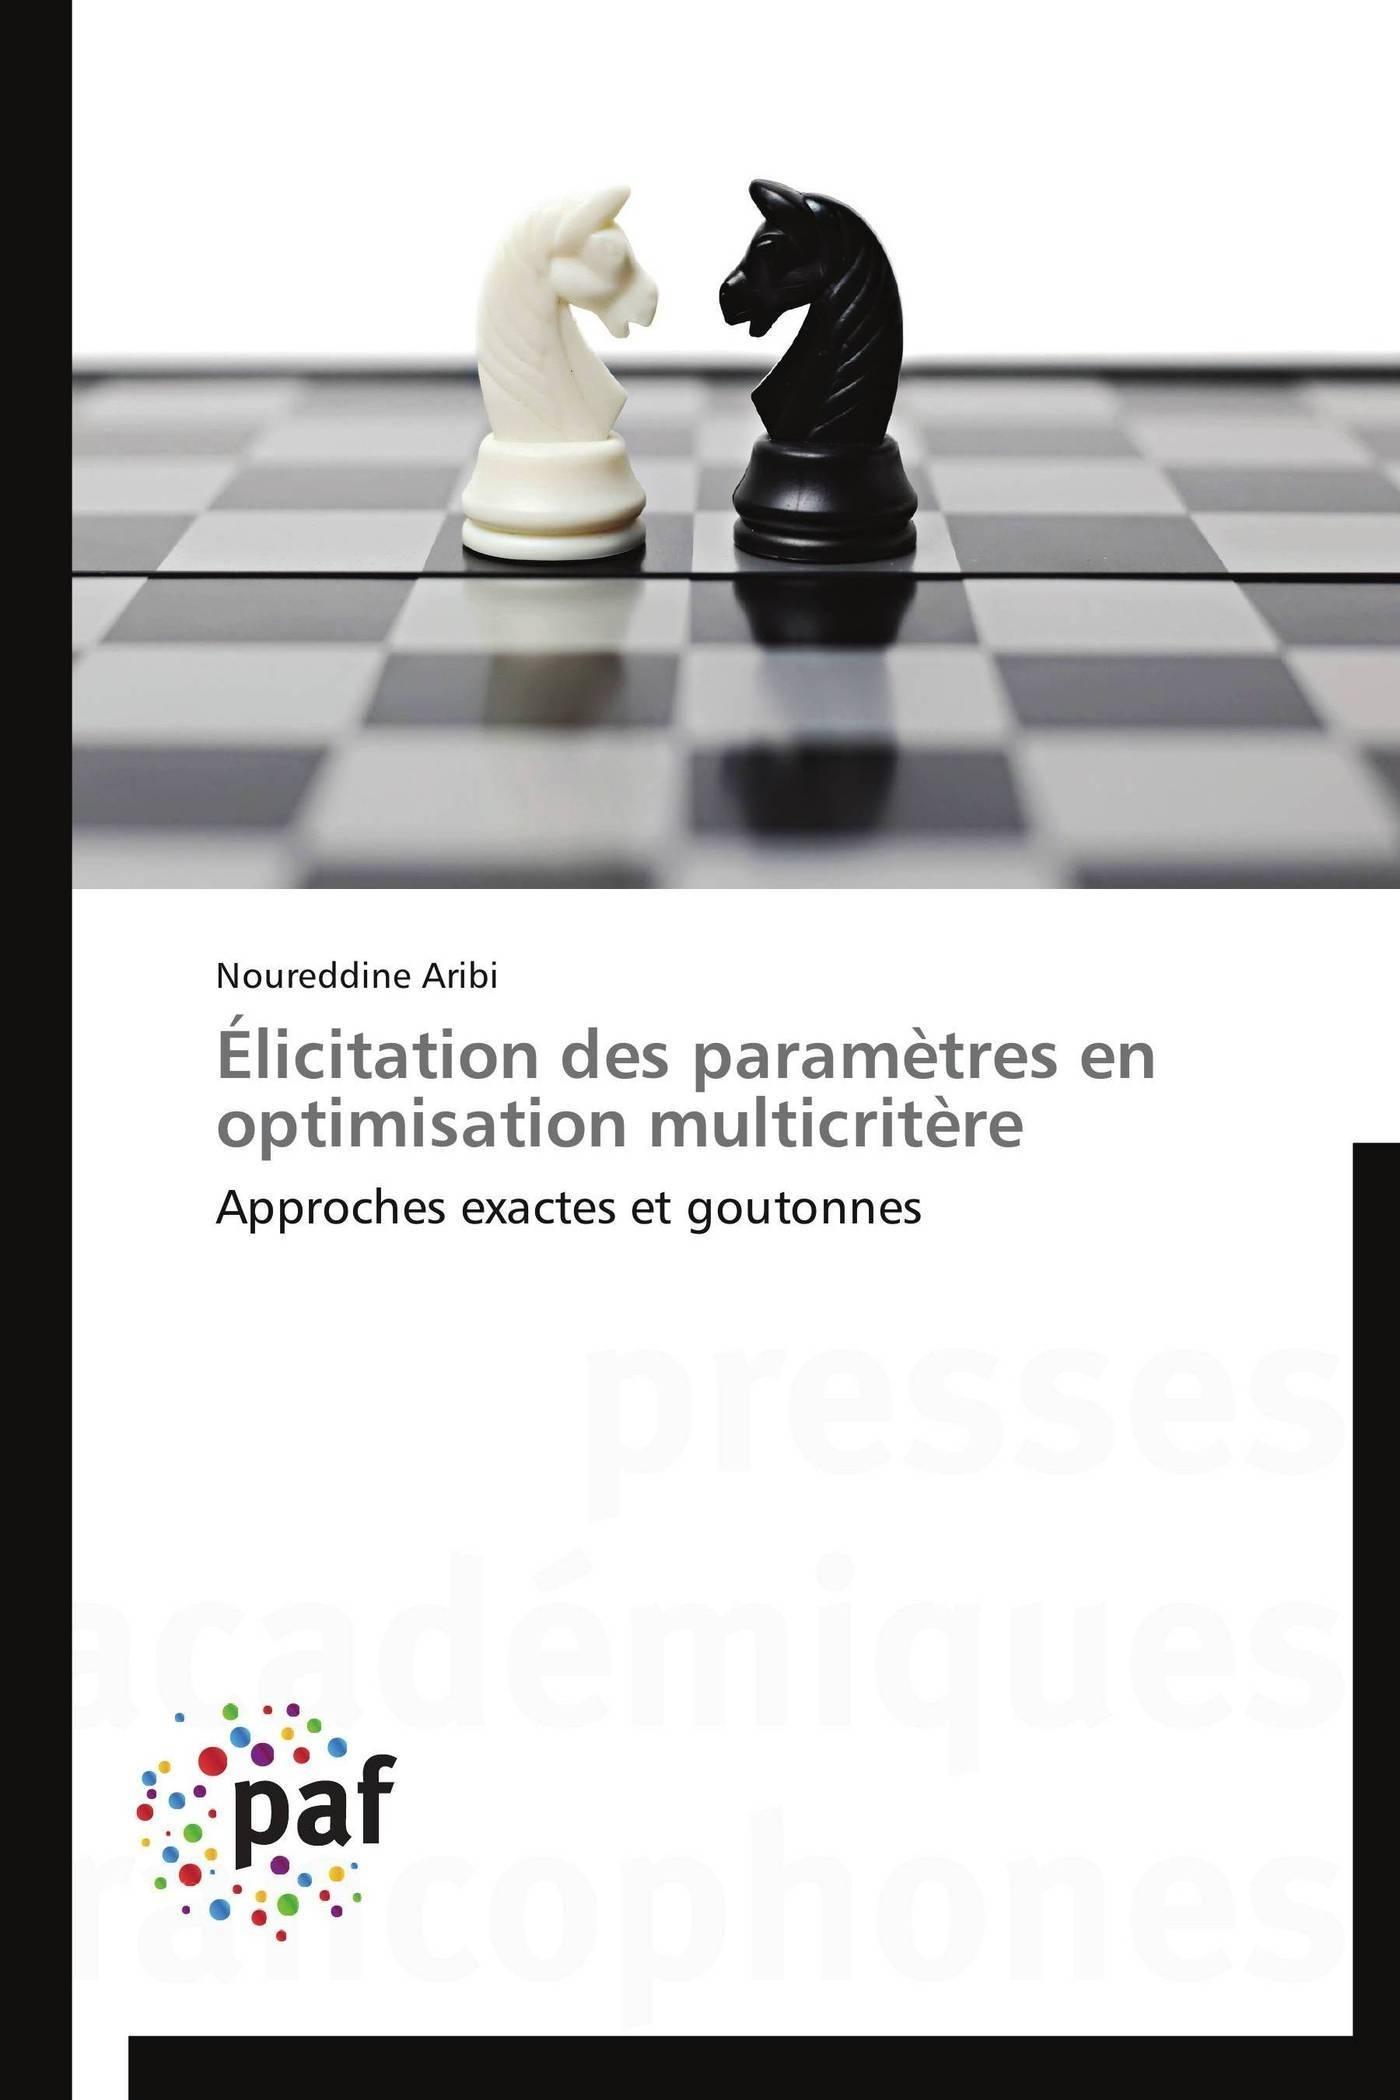 ELICITATION DES PARAMETRES EN OPTIMISATION MULTICRITERE